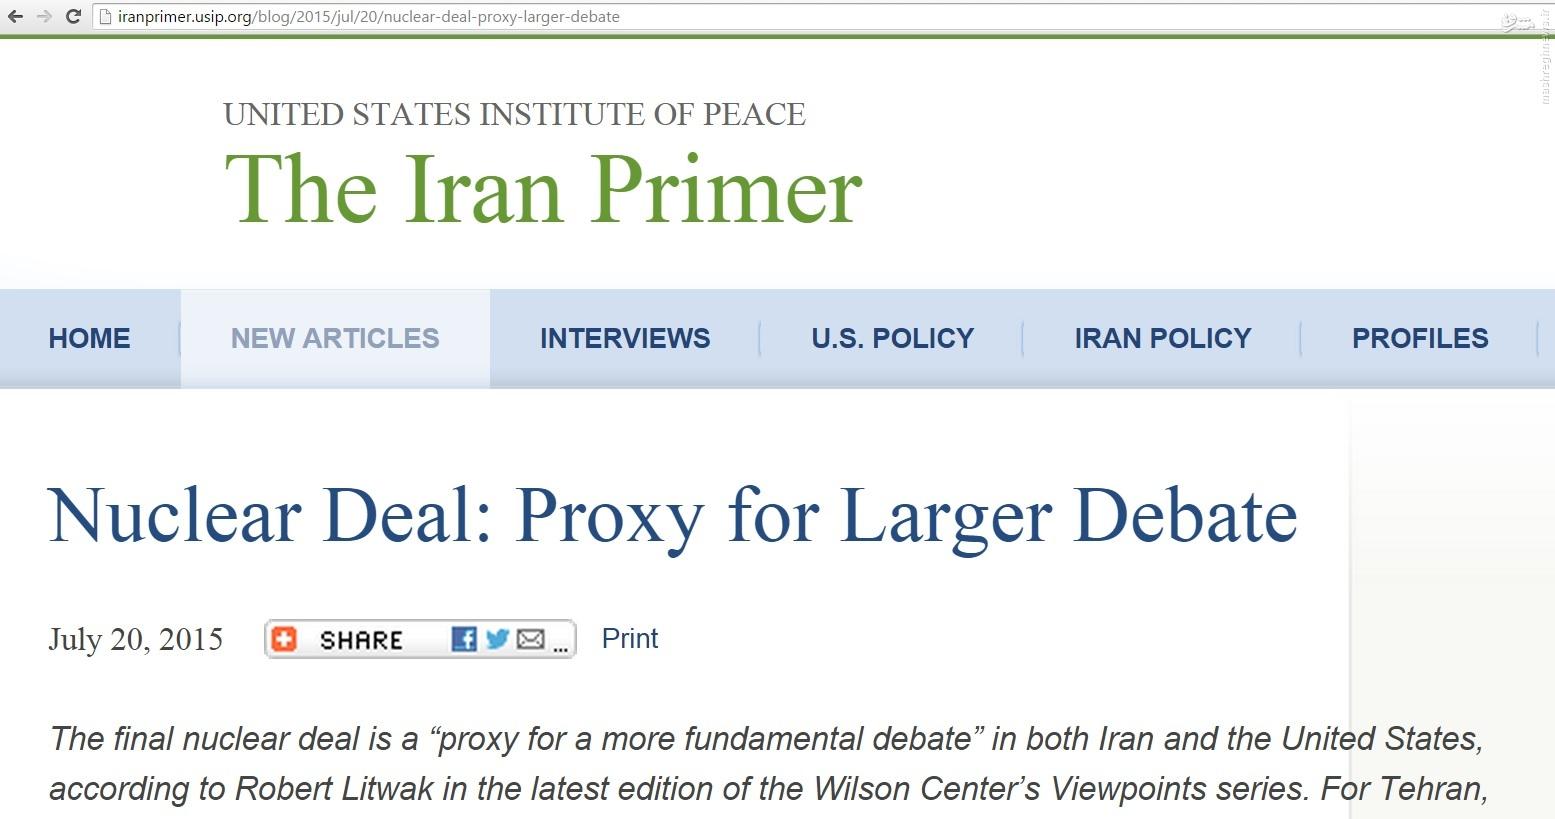 توافق هستهای، تنشی بزرگ در پی خواهد داشت//در حال ویرایش